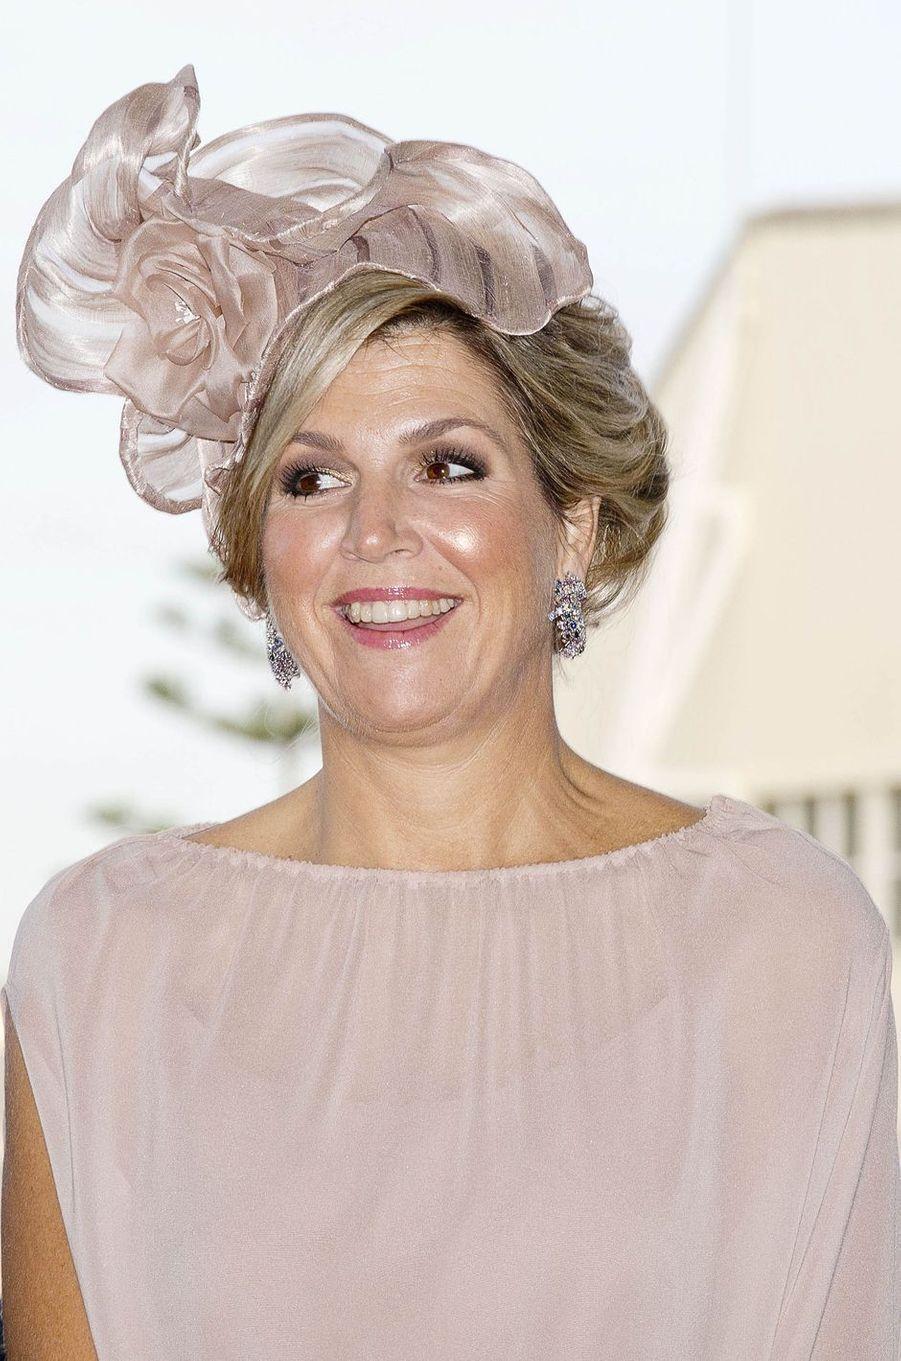 La reine Maxima des Pays-Bas à Alverca do Ribatejo, le 11 octobre 2017